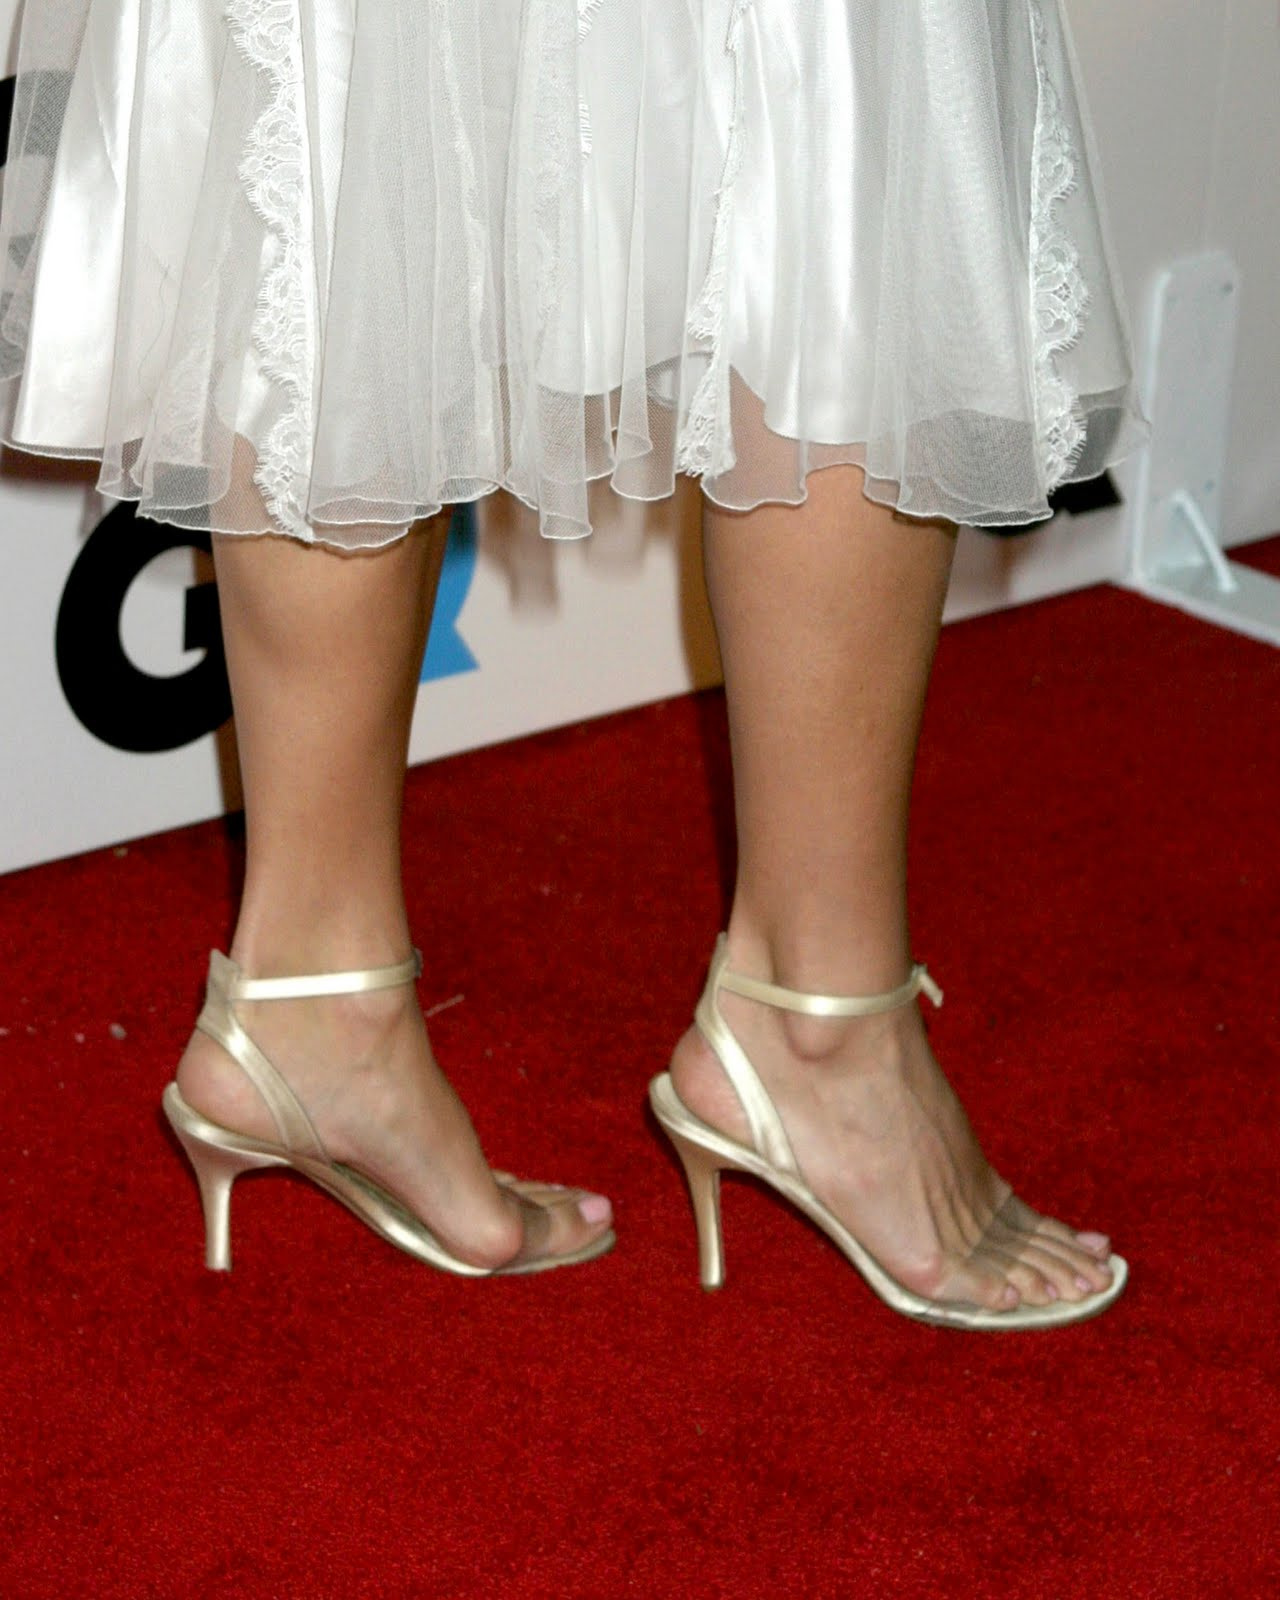 http://1.bp.blogspot.com/_UaLWp72nij4/TBKbT0vp1aI/AAAAAAAAOnQ/kjbZMVi5UuQ/s1600/molly-sims-feet-3.jpg